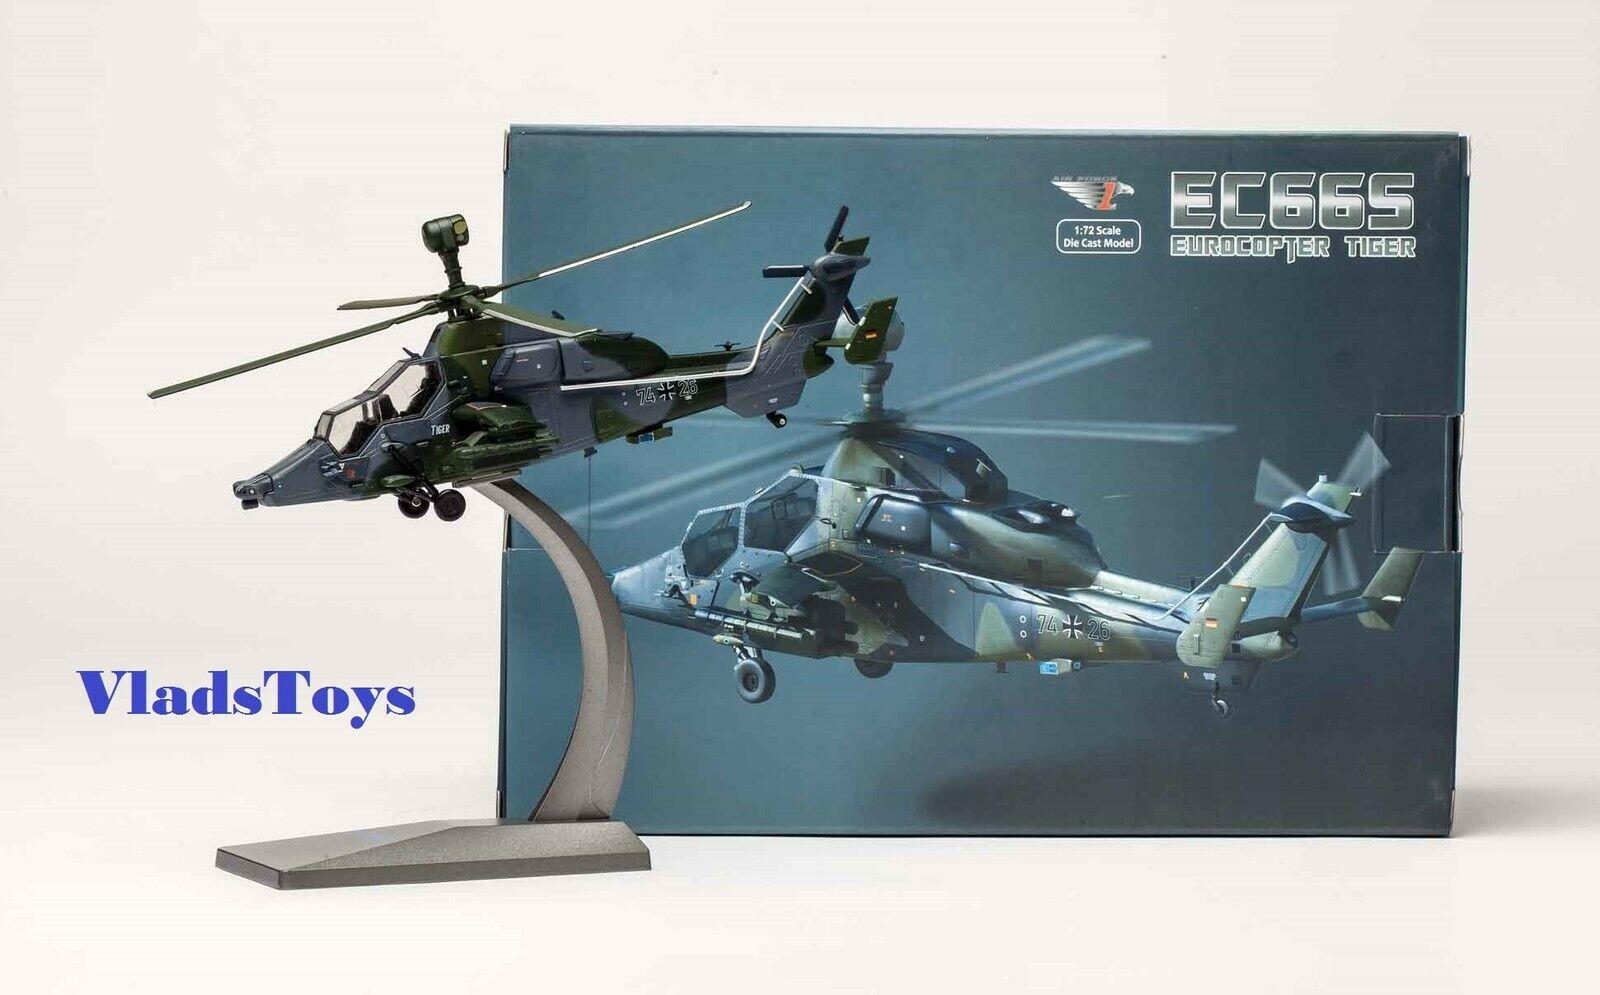 Con 100% de calidad y servicio de% 100. Air Force 1 1 1 1 72 Eurocopter Ec 665 Tiger Ejército Alemán Ataque Helicóptero  increíbles descuentos